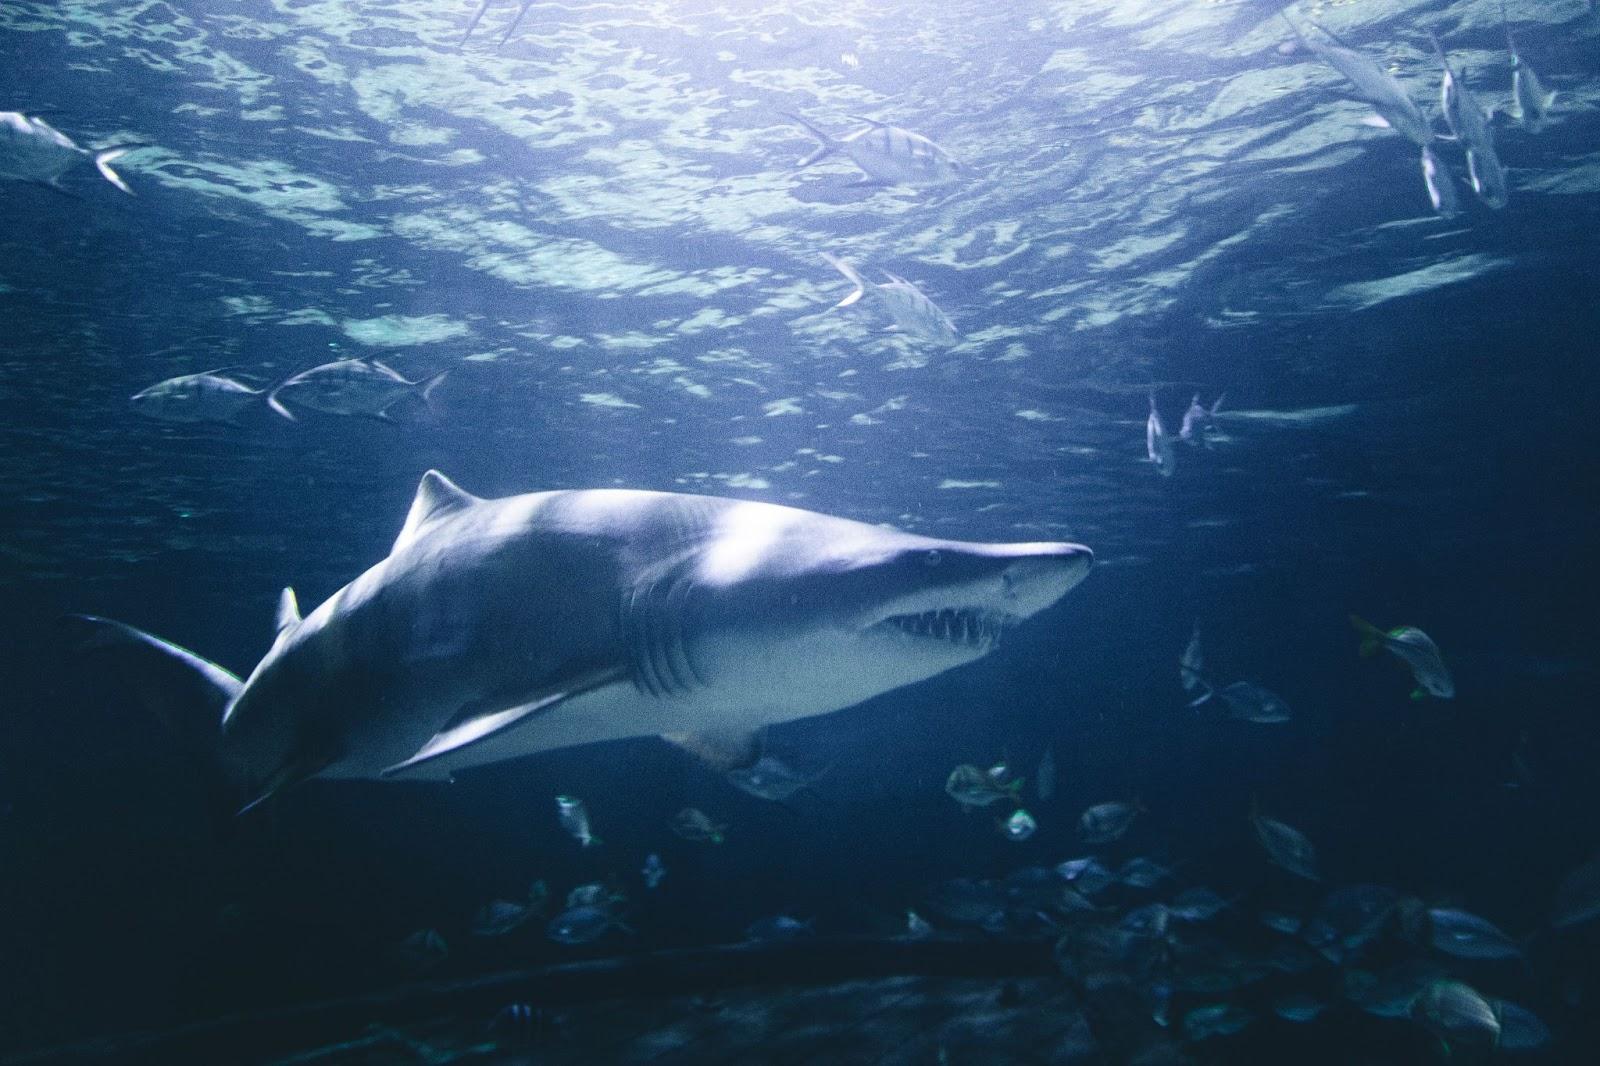 royal chemical shark tank